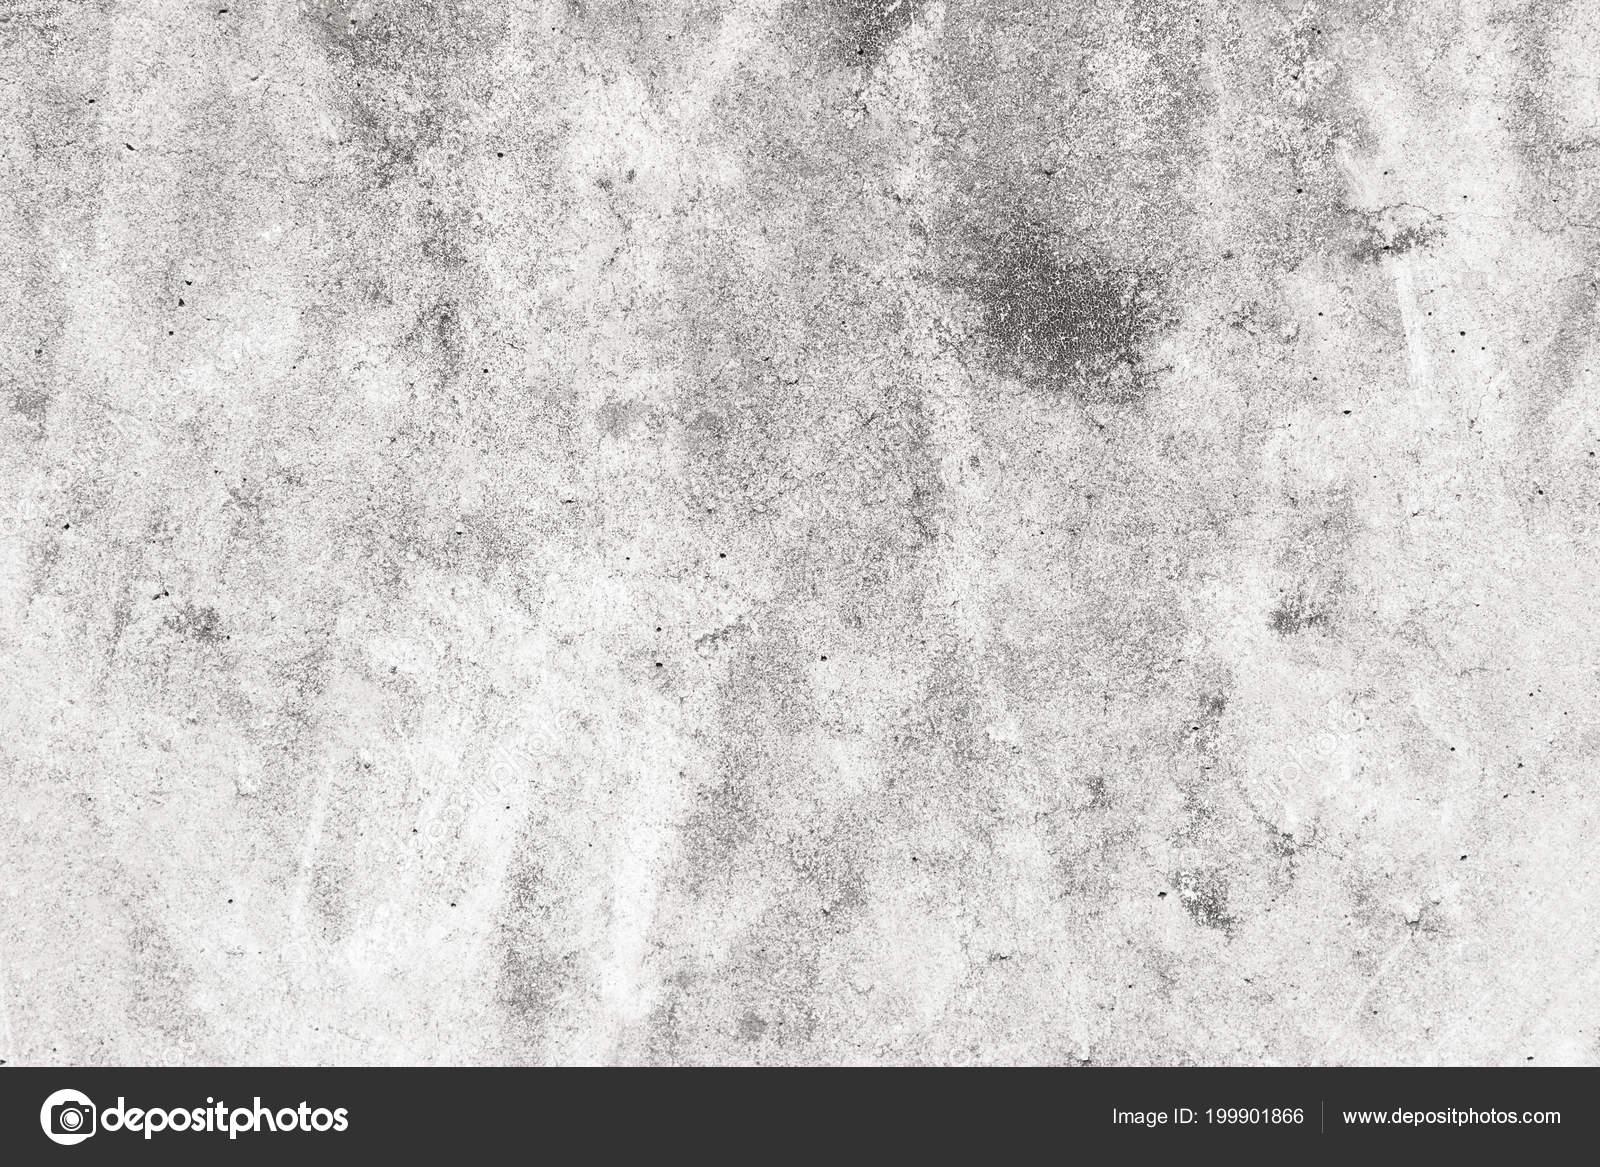 Скачать фото бетона купить бетон в чебоксарах с доставкой цена за